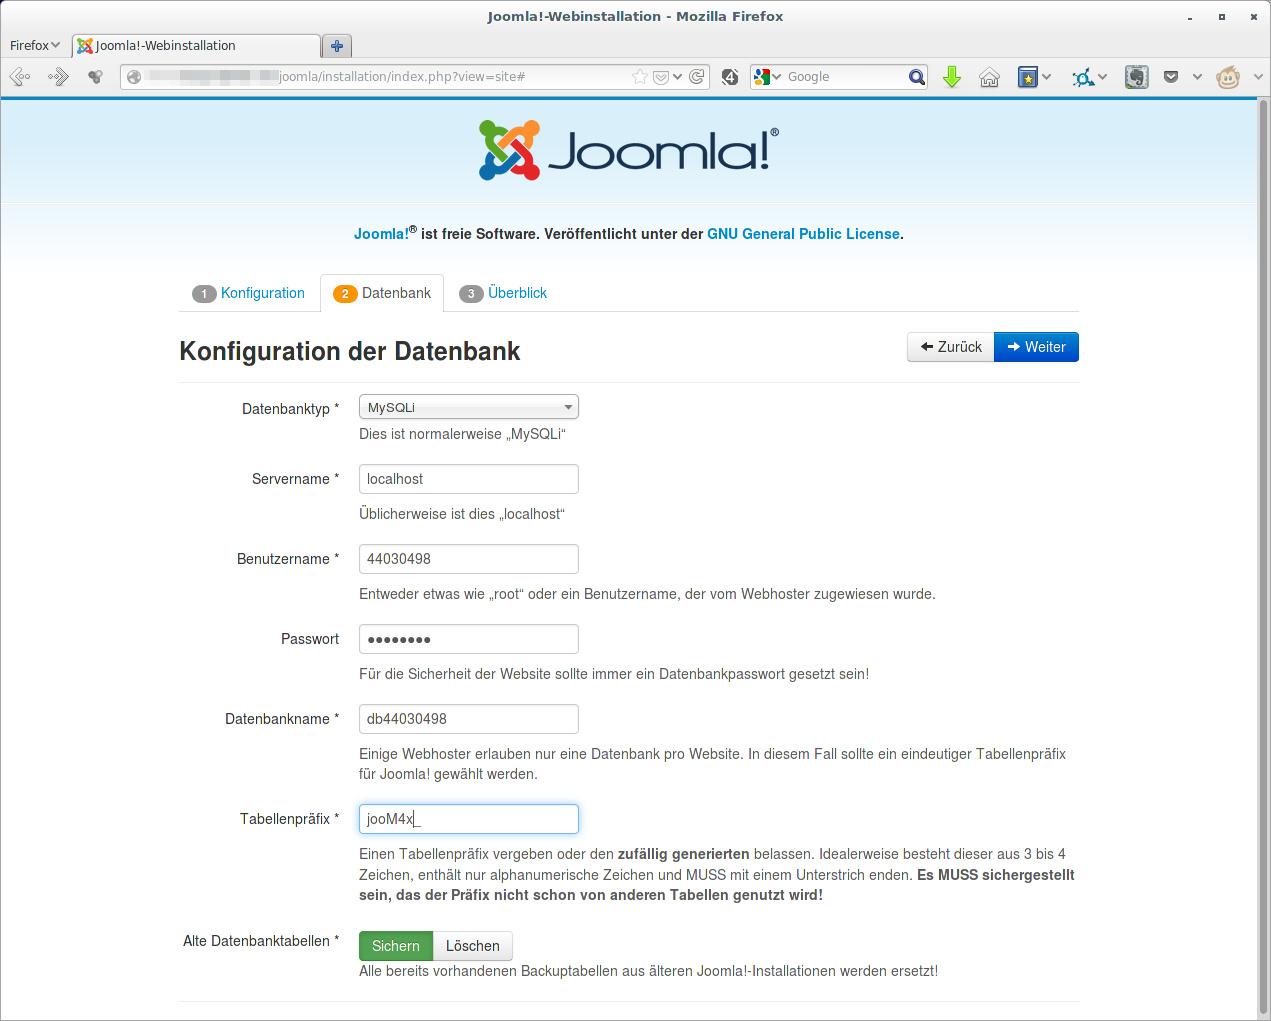 Fein Vorlage Auf Joomla Hochladen Ideen - Beispiel Business ...